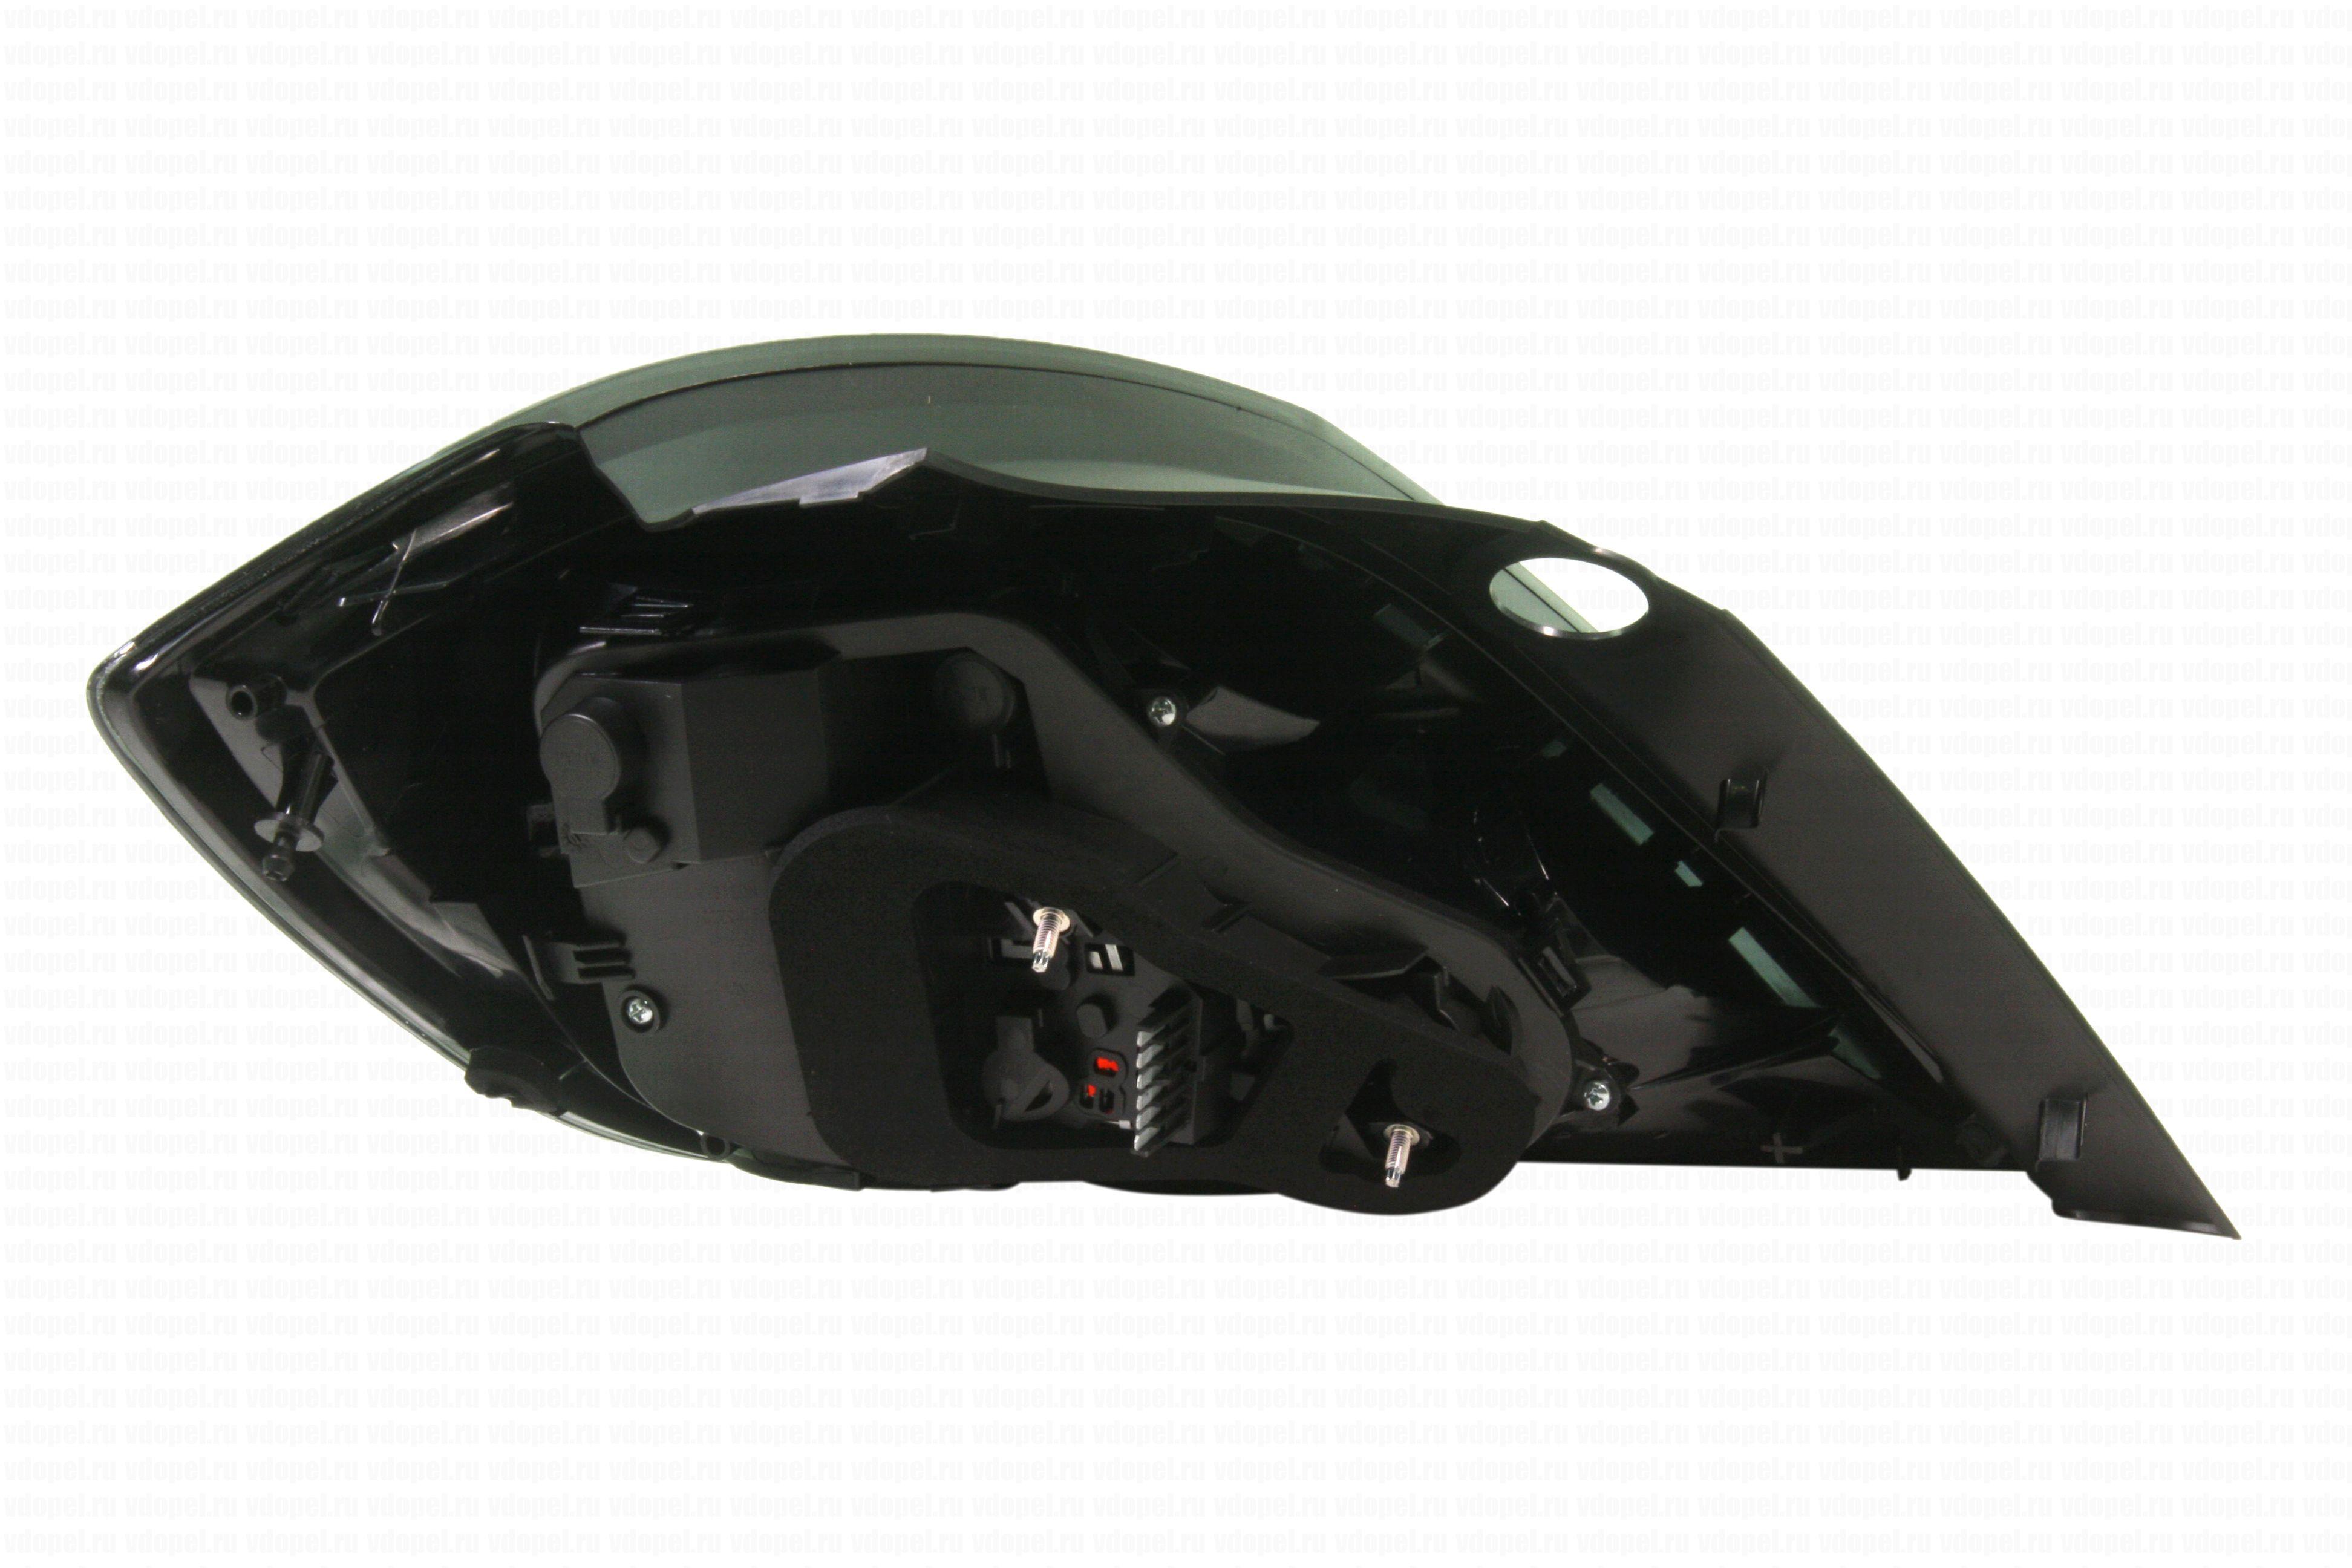 GM 13222325  - Фонарь задний Астра H 5дв. х/б 2007- GM прав.